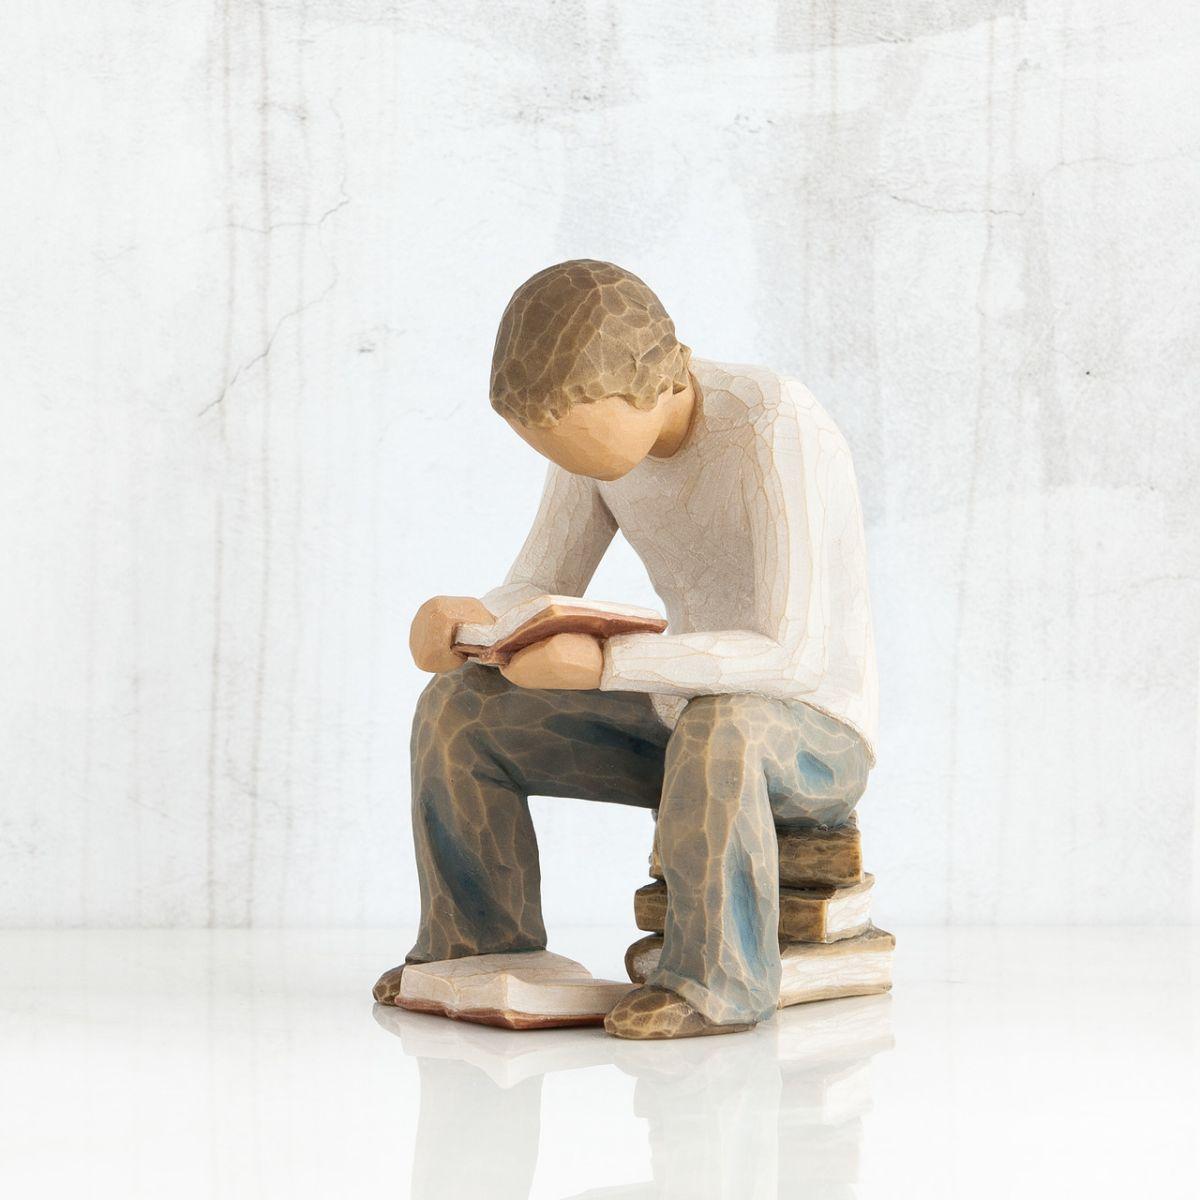 ウィローツリー彫像 【Quest】 - 探求心